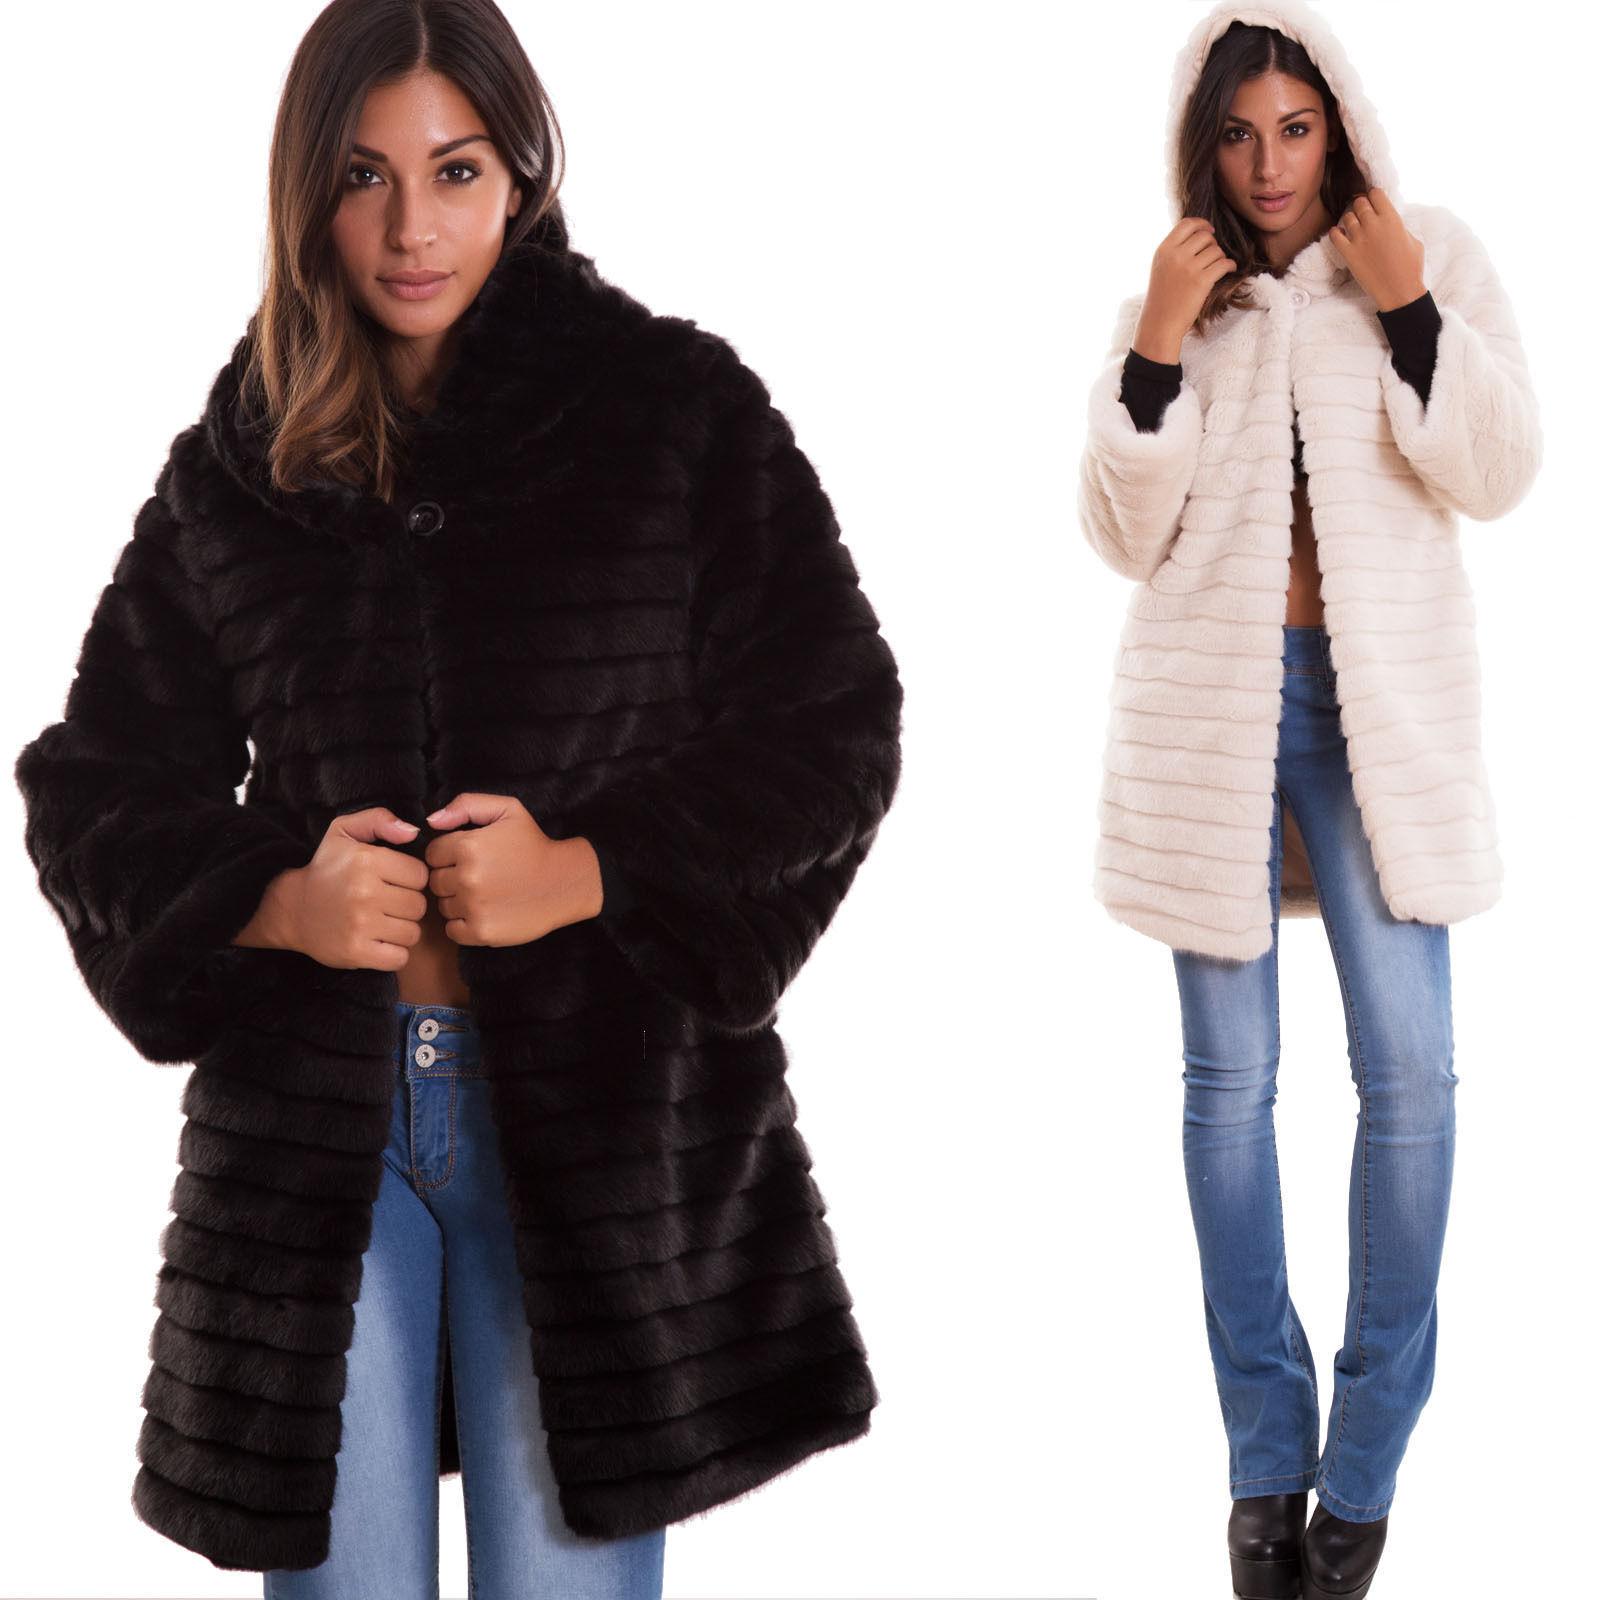 13a8a05f4f26a3 Pelliccia ecologica donna bottone cappuccio cappotto maniche lunghe nuova  16009